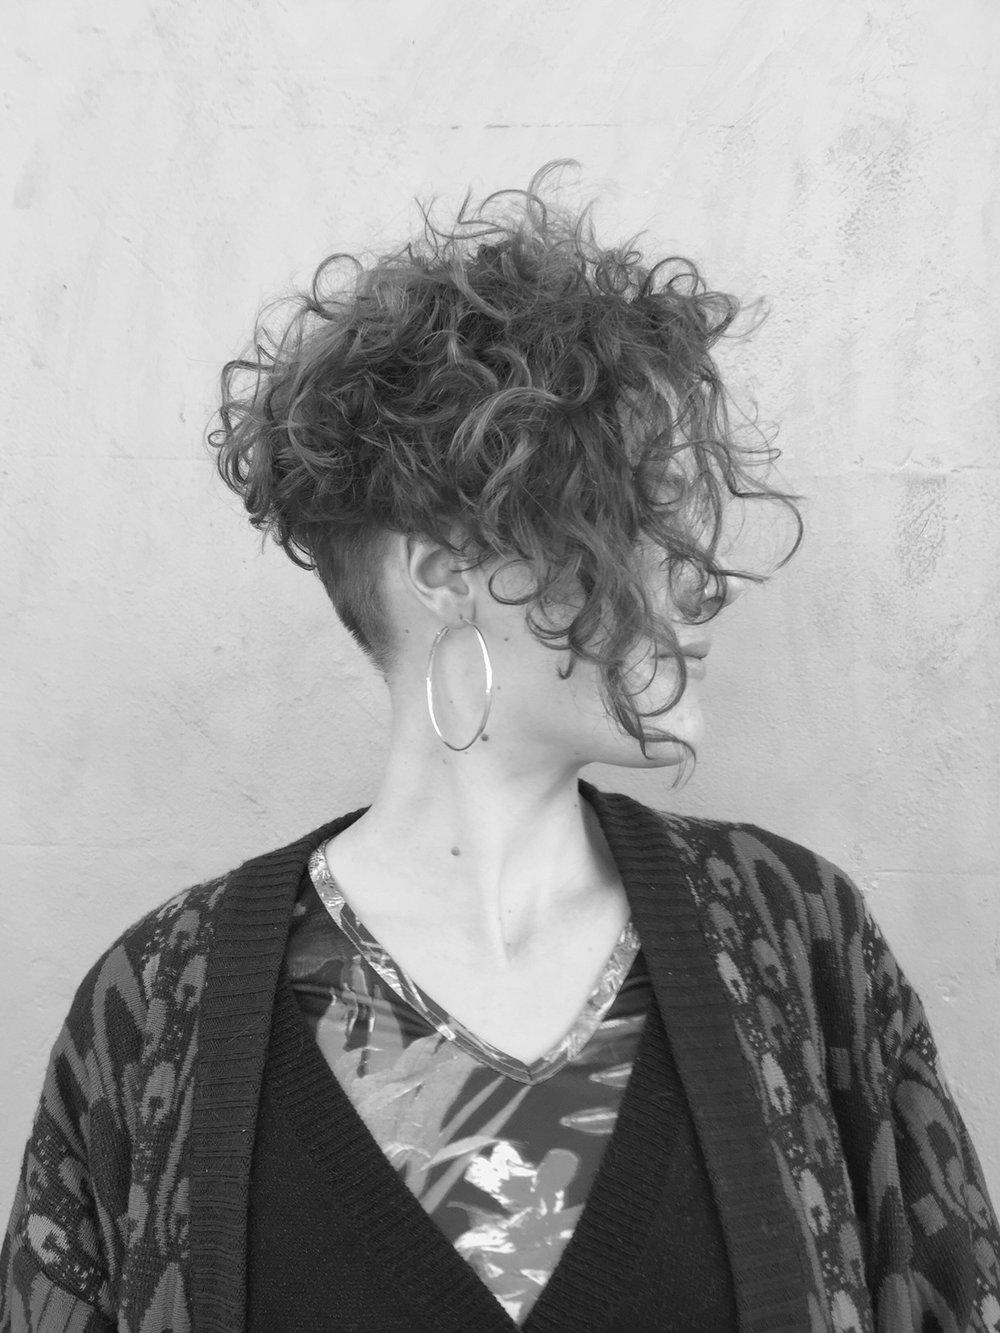 80's inspired 'hair do'